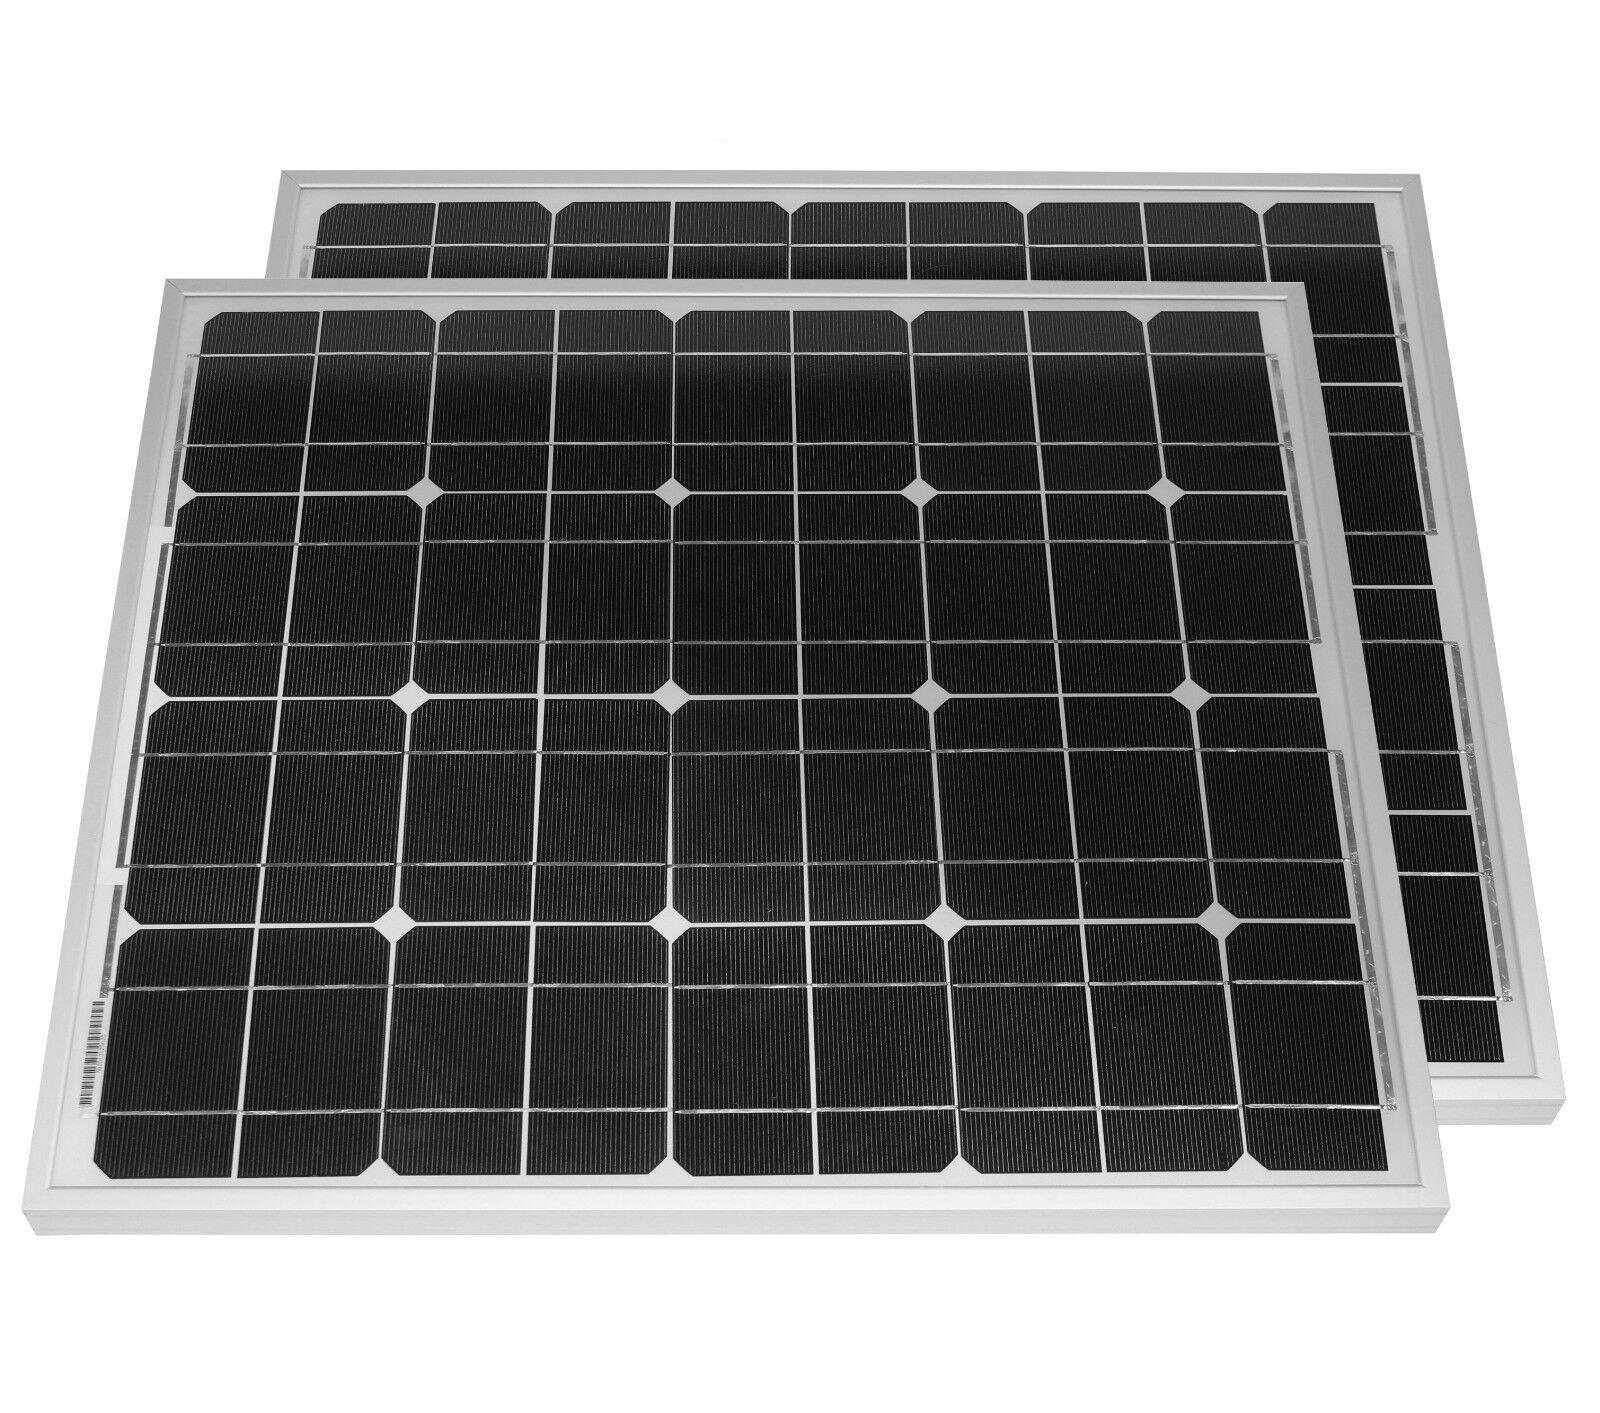 Kit Pannello Solare 50 Watt : W modulo solare pannello fotovoltaico cella watt